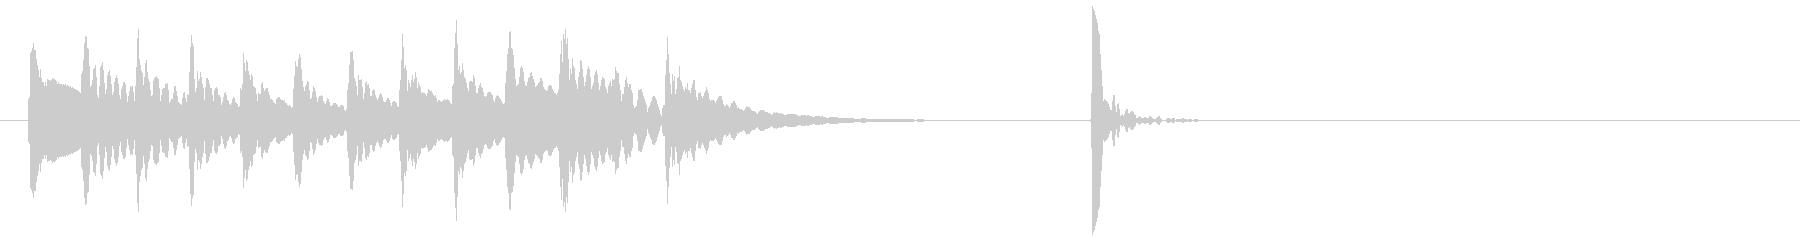 木琴~ポンッ!場面転換 アイキャッチ#6の未再生の波形